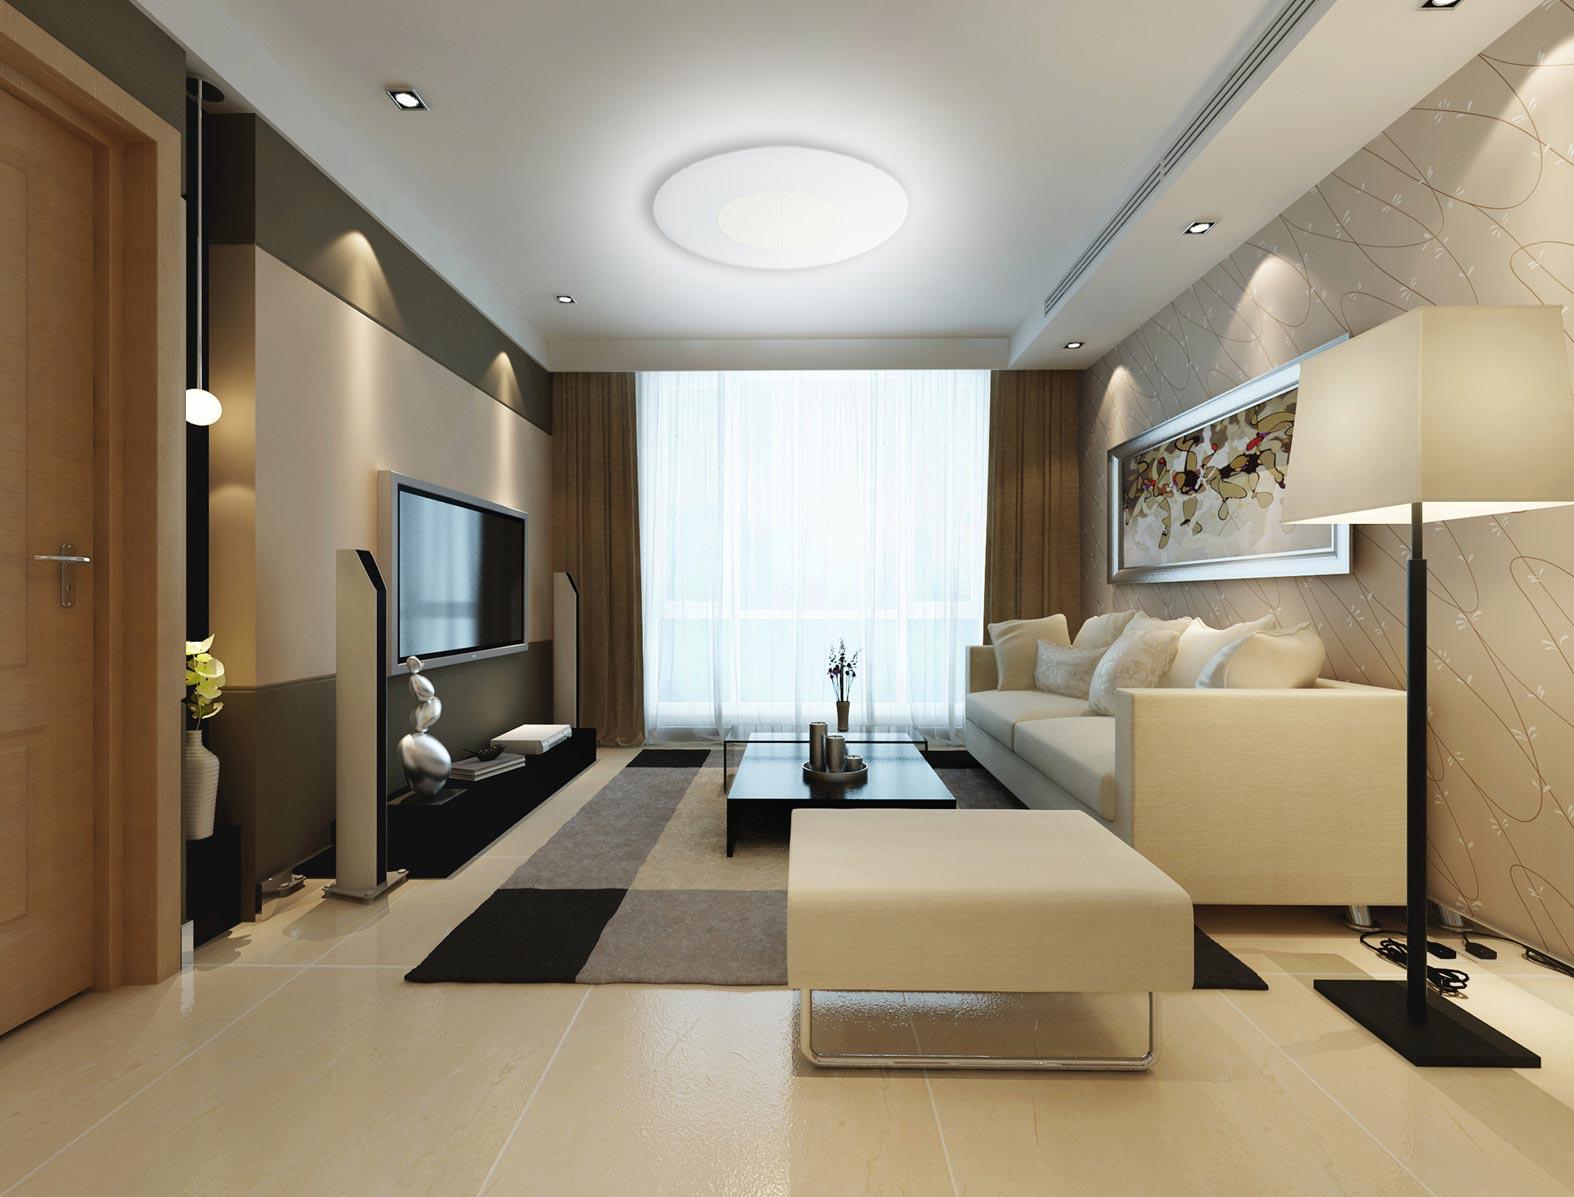 Plaf n led regulable zero 77 cm luz c lida fr a for Plafones de luz de pared